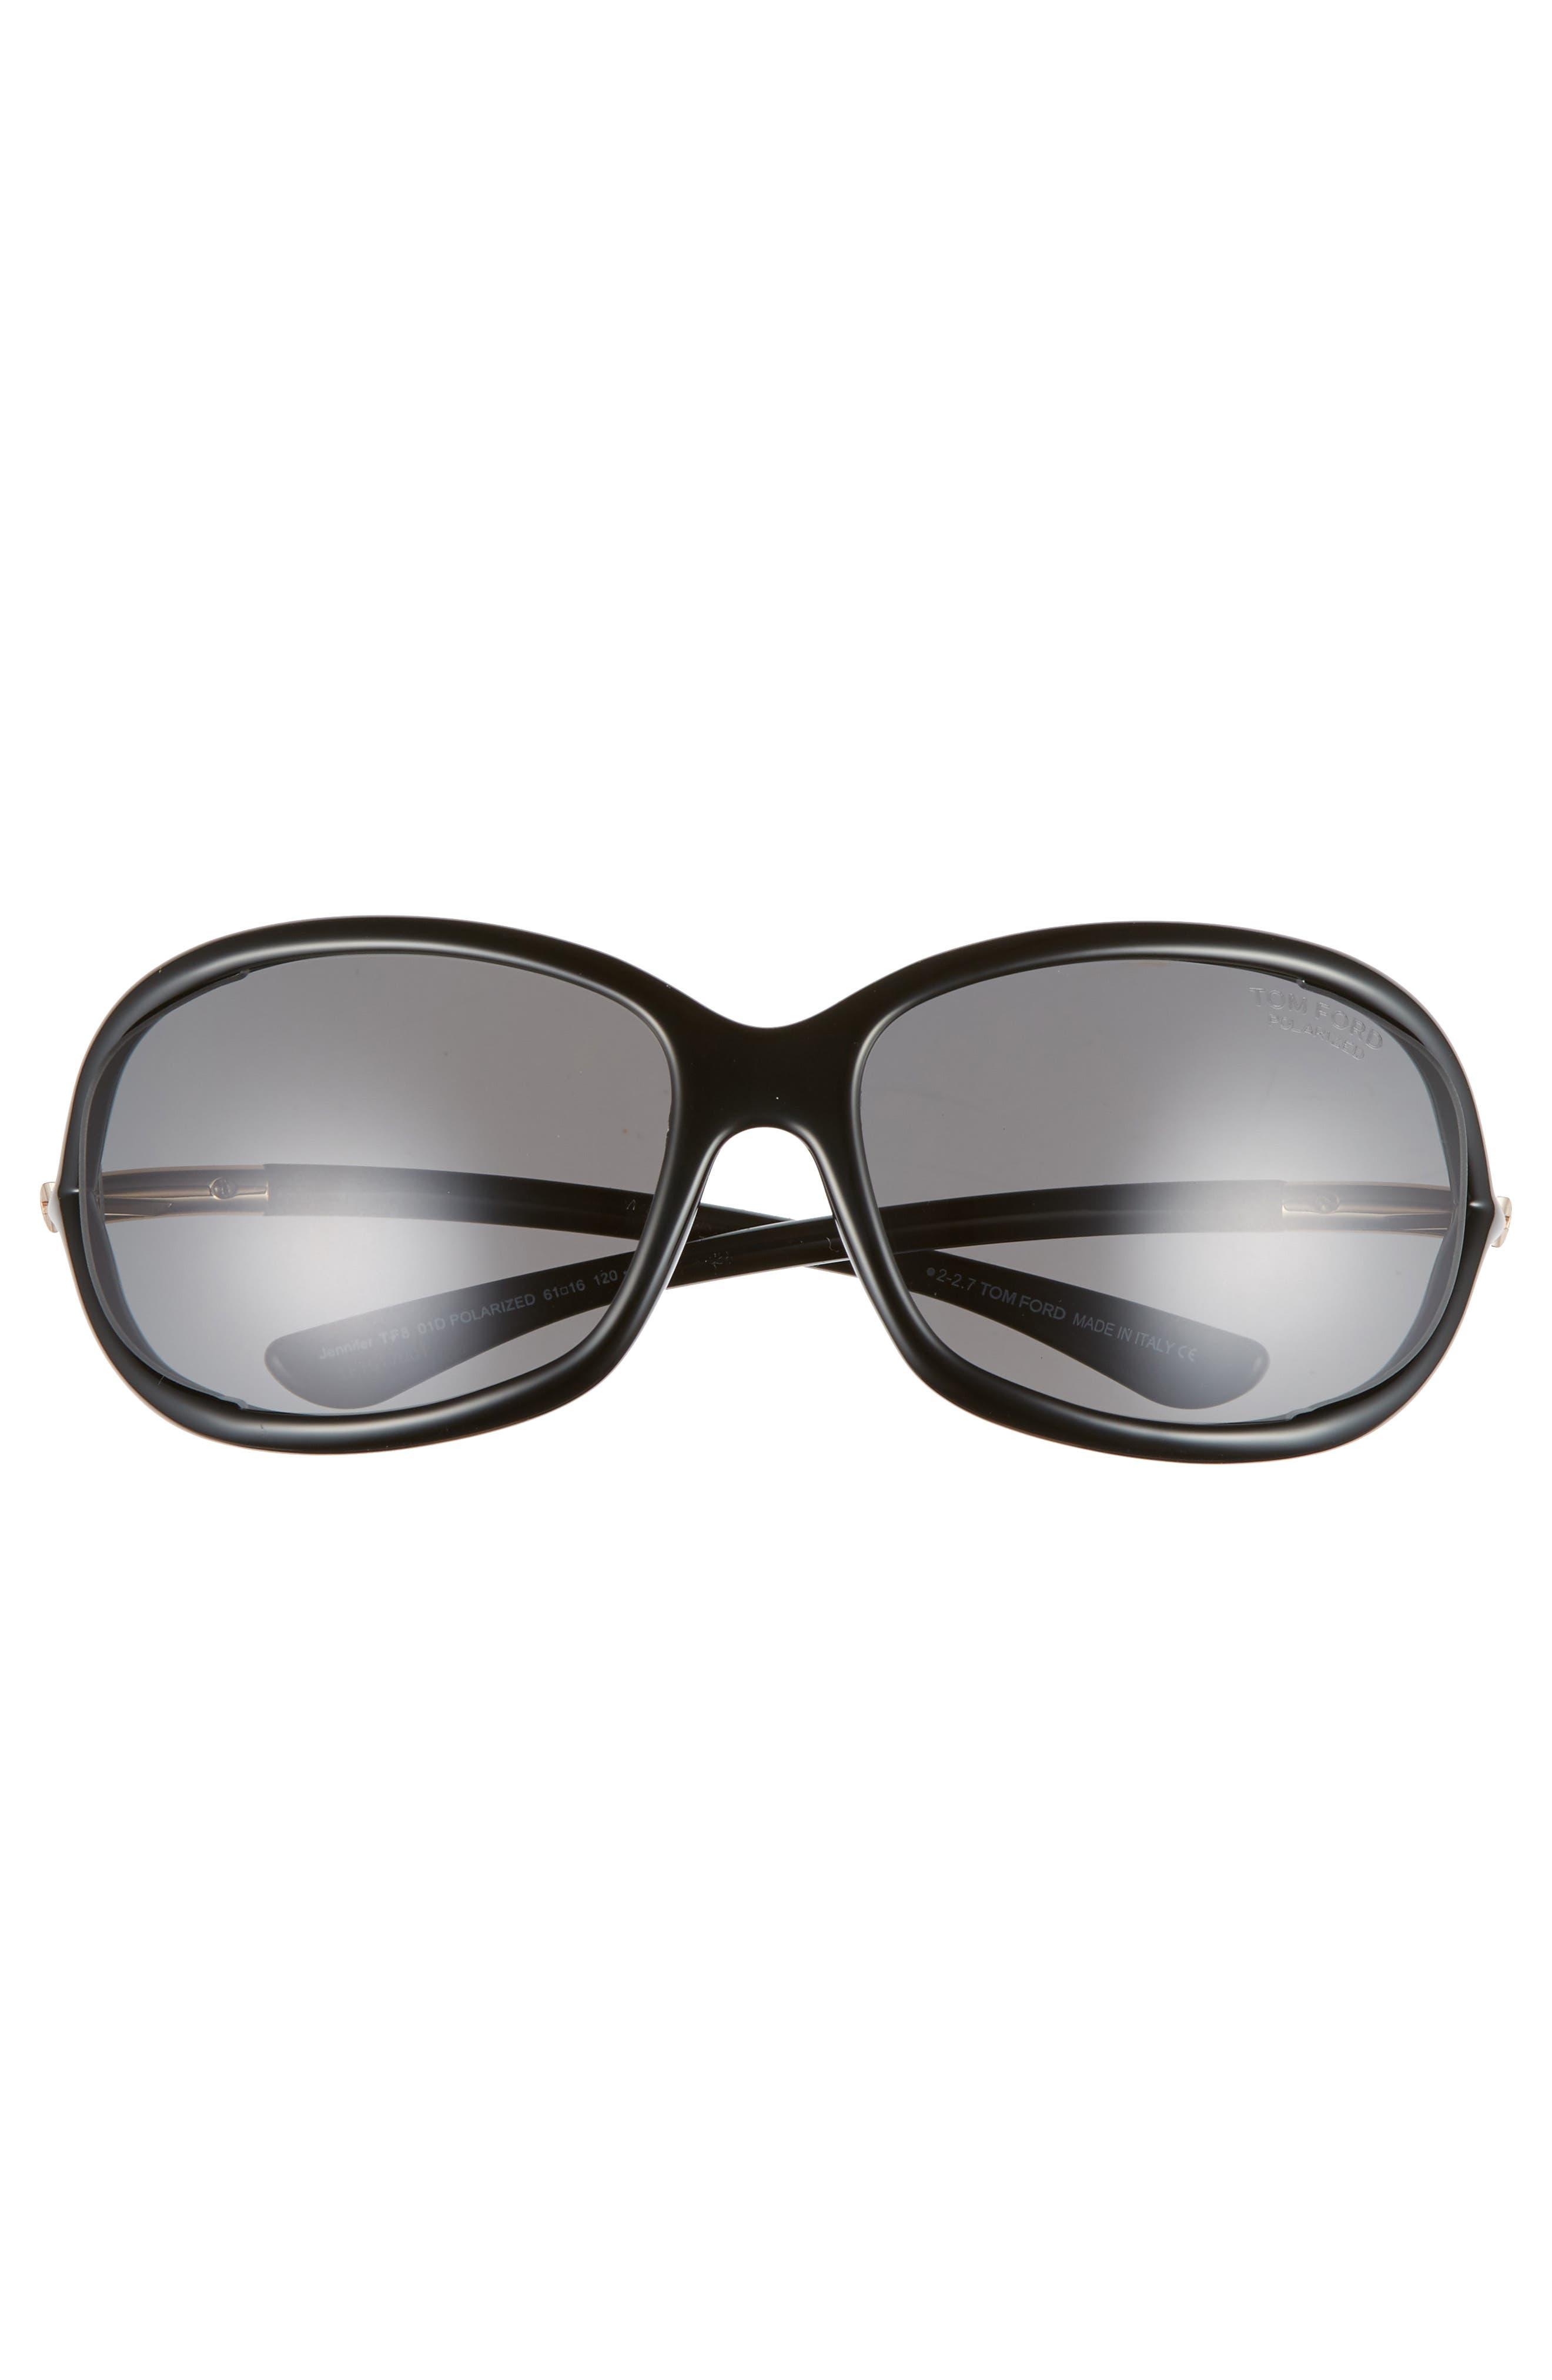 Jennifer 61mm Polarized Open Temple Sunglasses,                             Alternate thumbnail 3, color,                             SHINY BLACK/ GREY POLARIZED